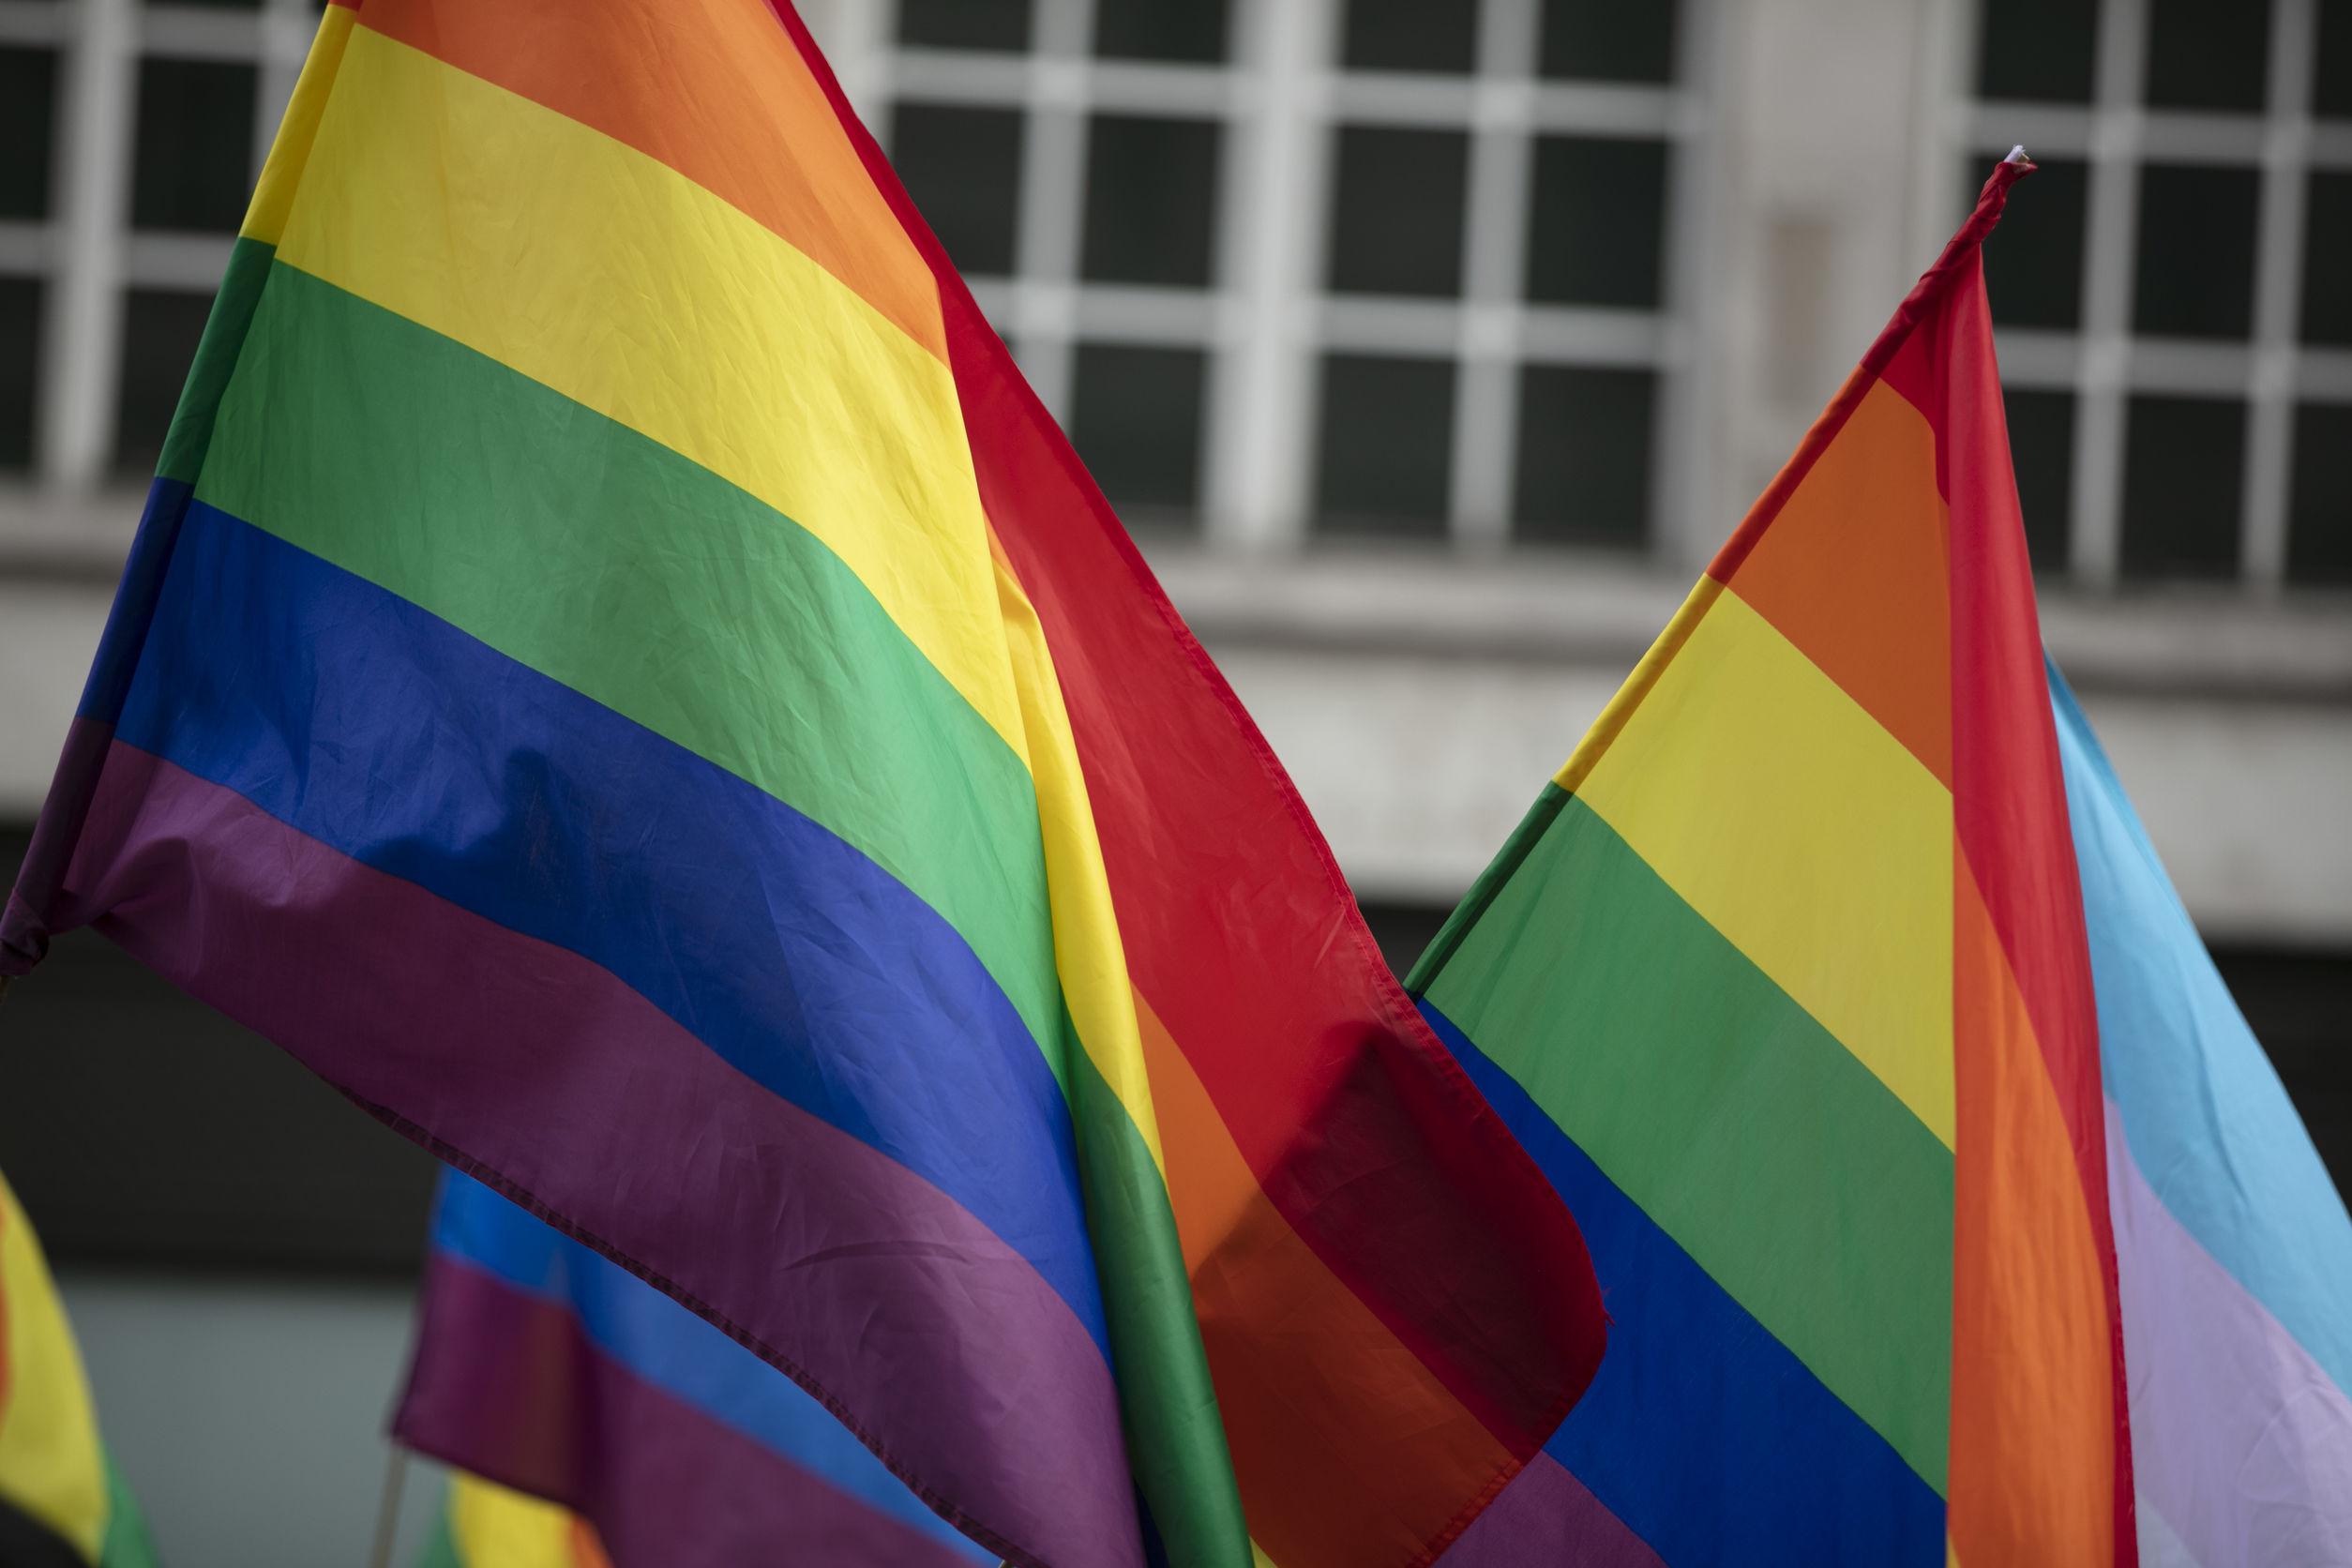 What legislation relates to LGBTQ+?